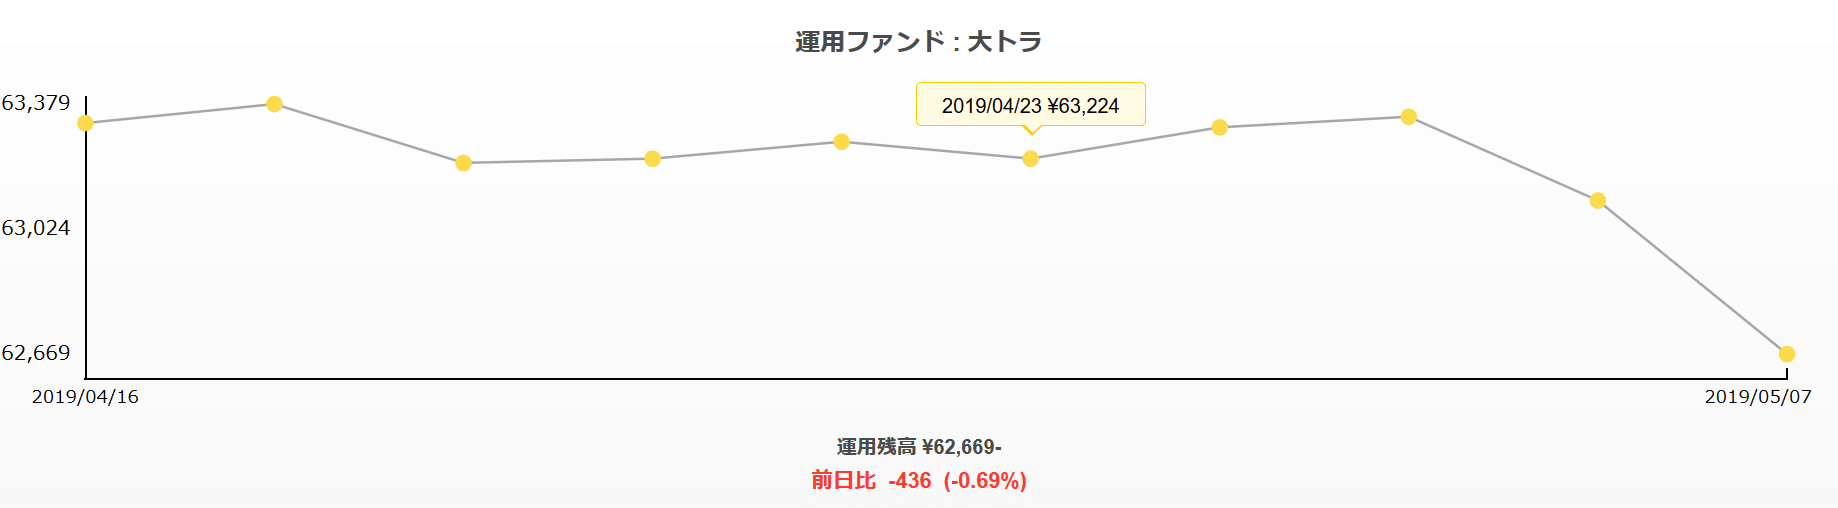 トラノコ運用結果-2019年5月8日